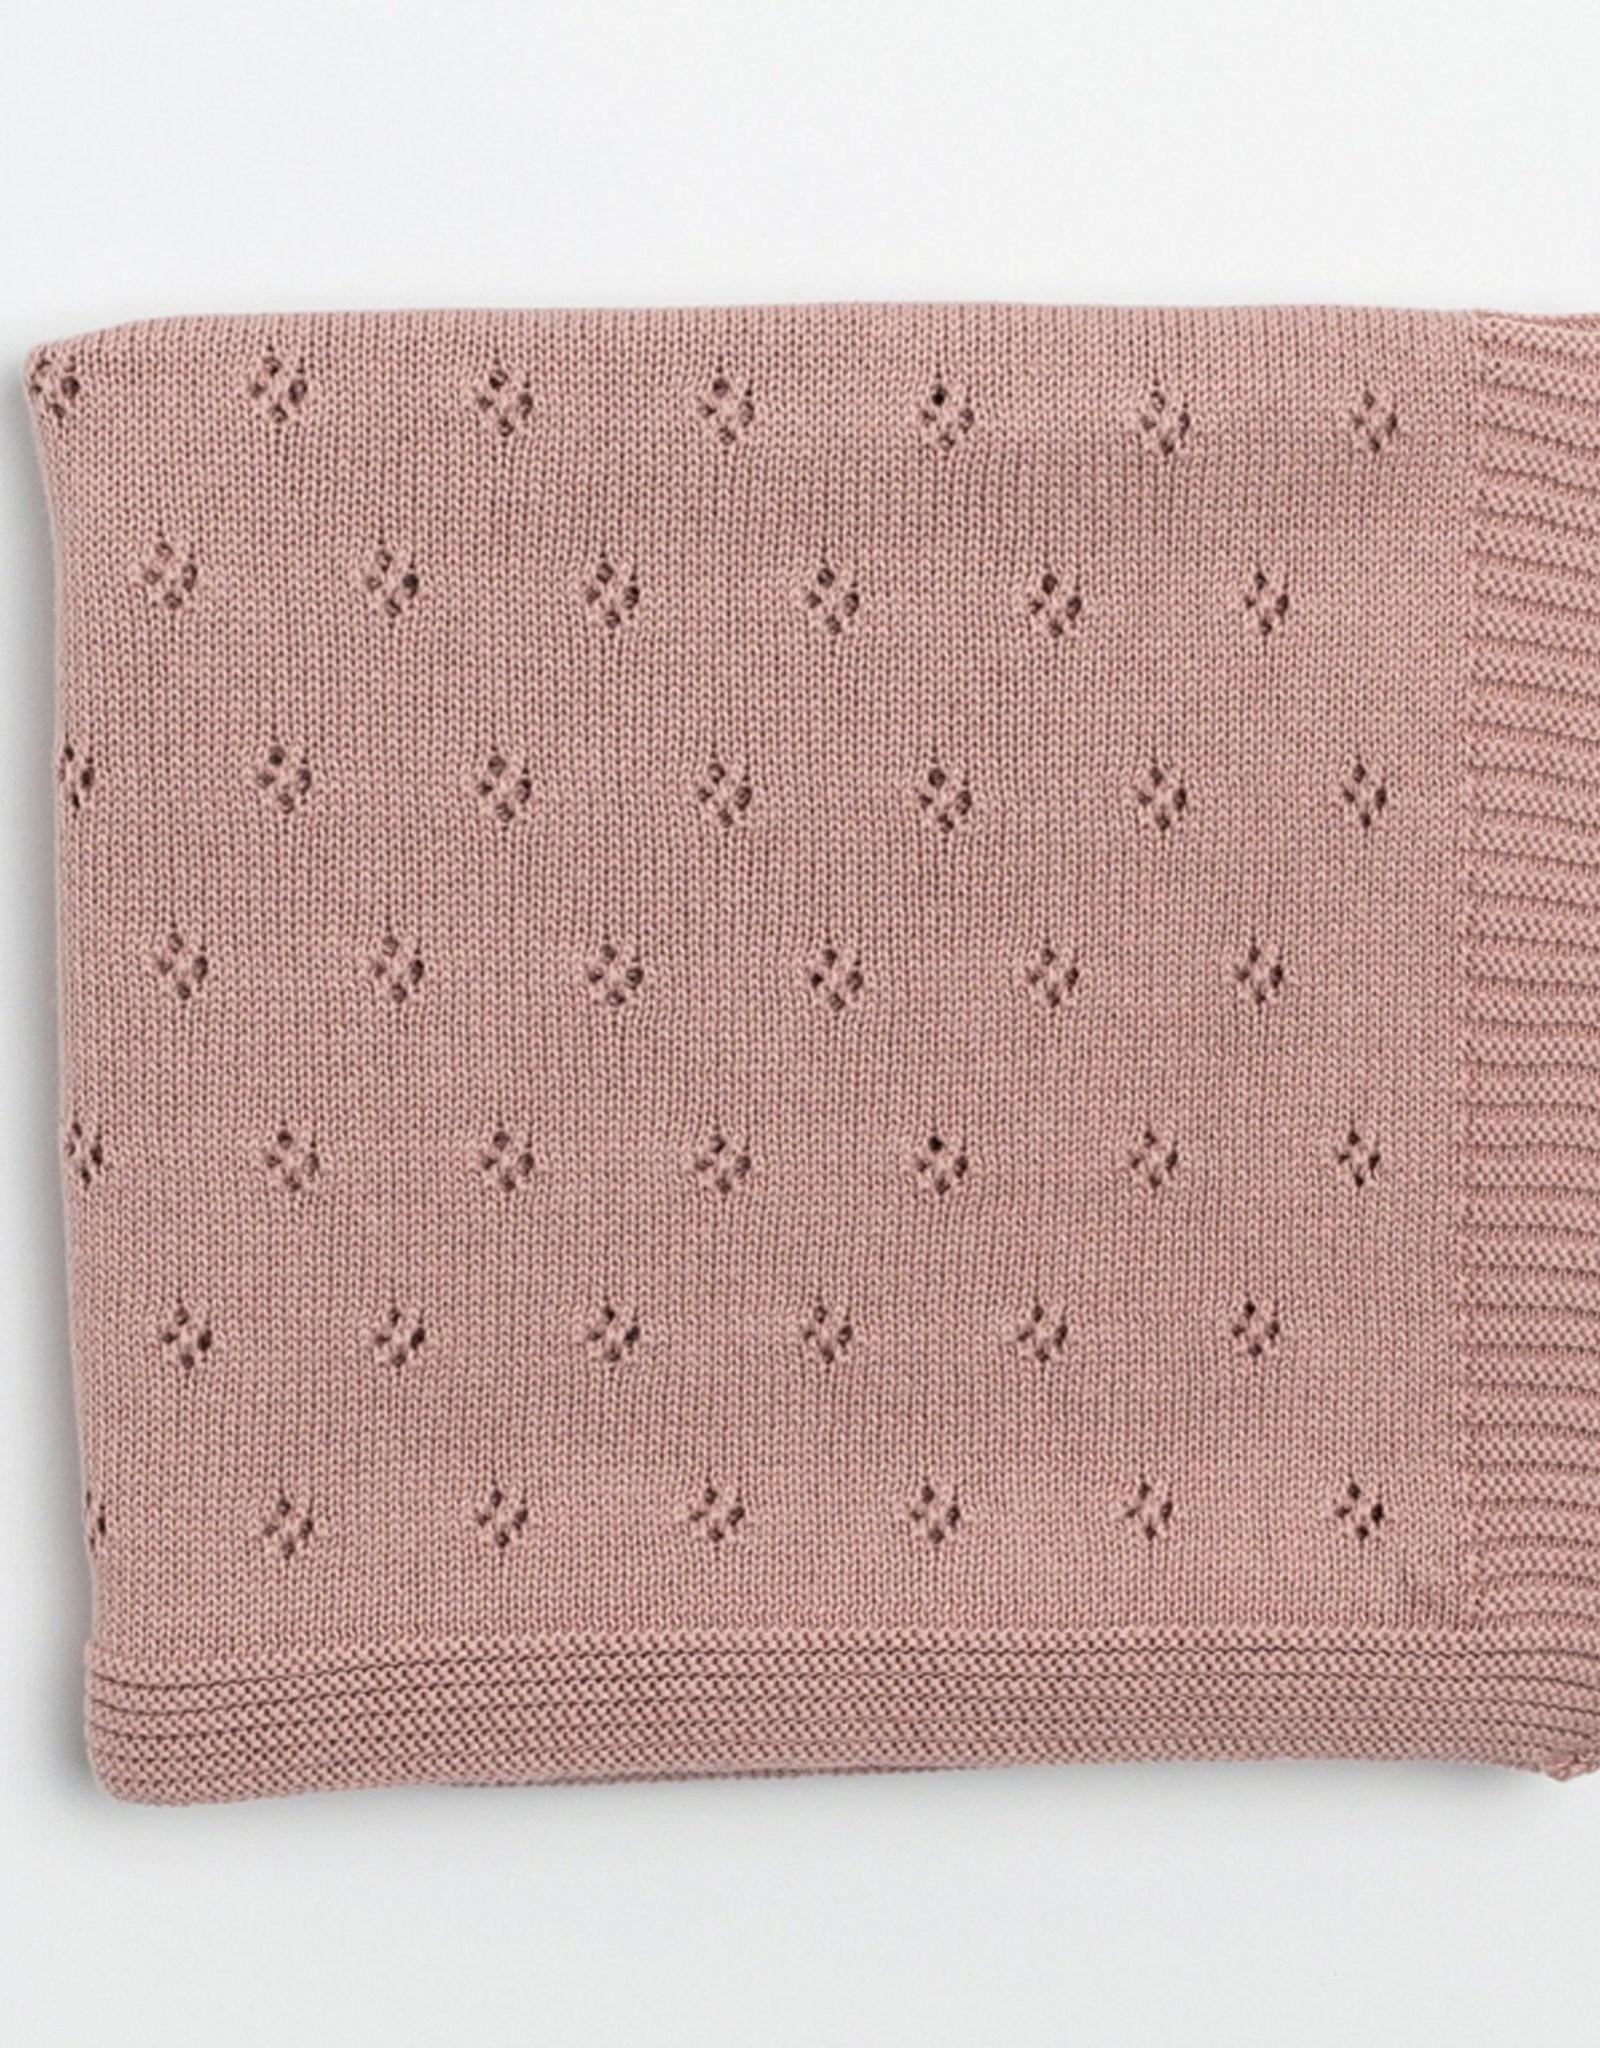 Zestt Clover Knit Baby Blanket Berry